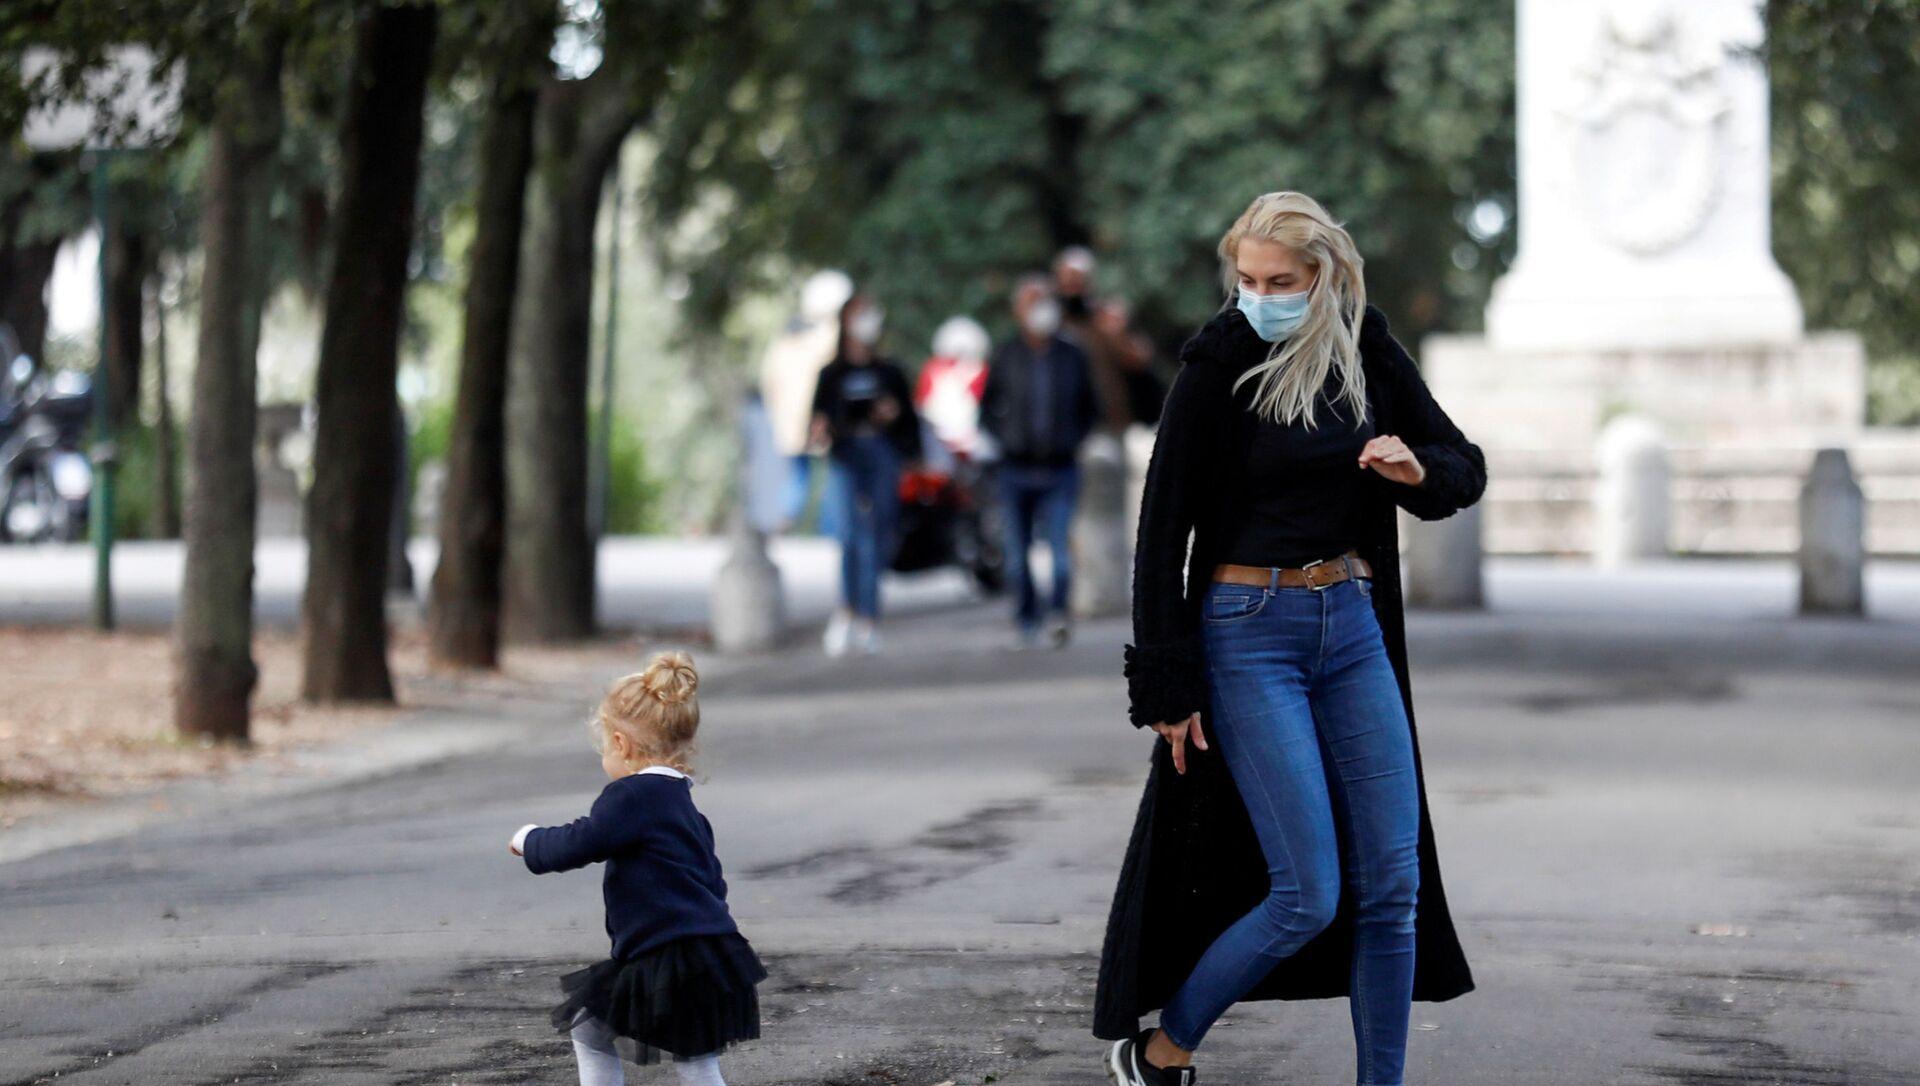 Covid-19, una donna con una bambina a Roma, Italia - Sputnik Italia, 1920, 15.02.2021